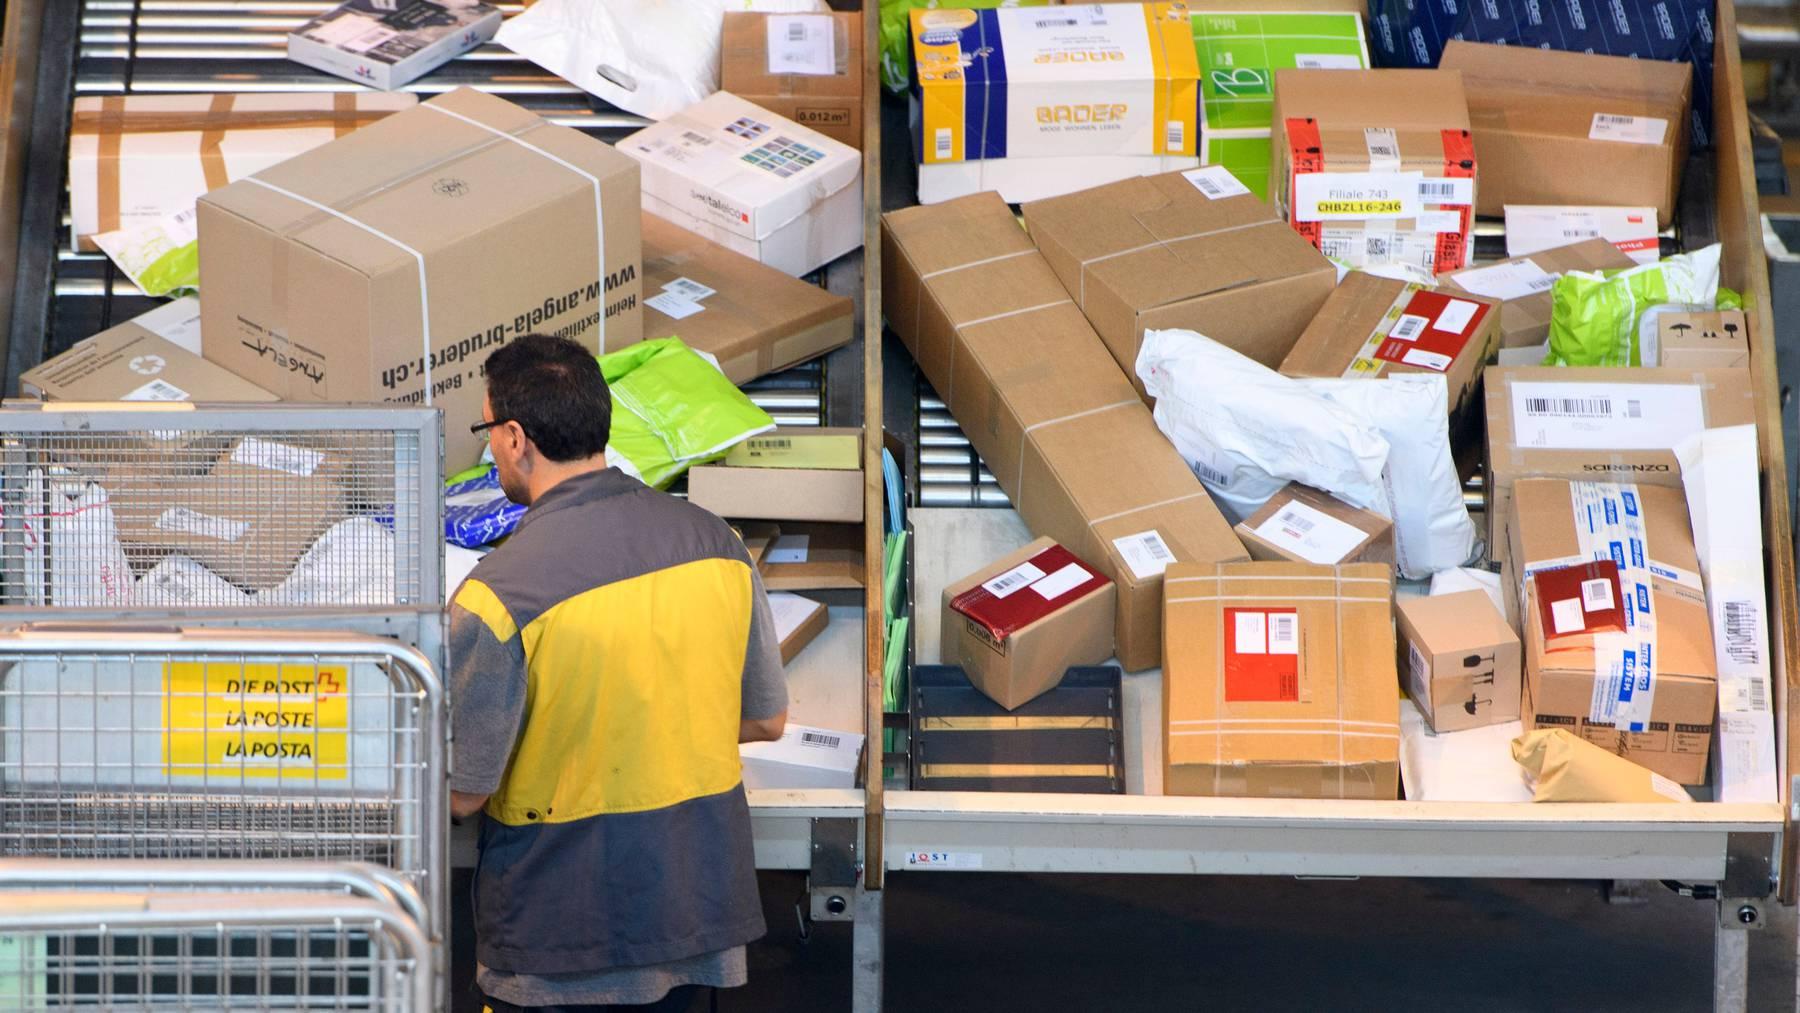 2019 überstiegen die Online-Einkäufe in der Schweiz erstmals 10 Milliarden Franken.